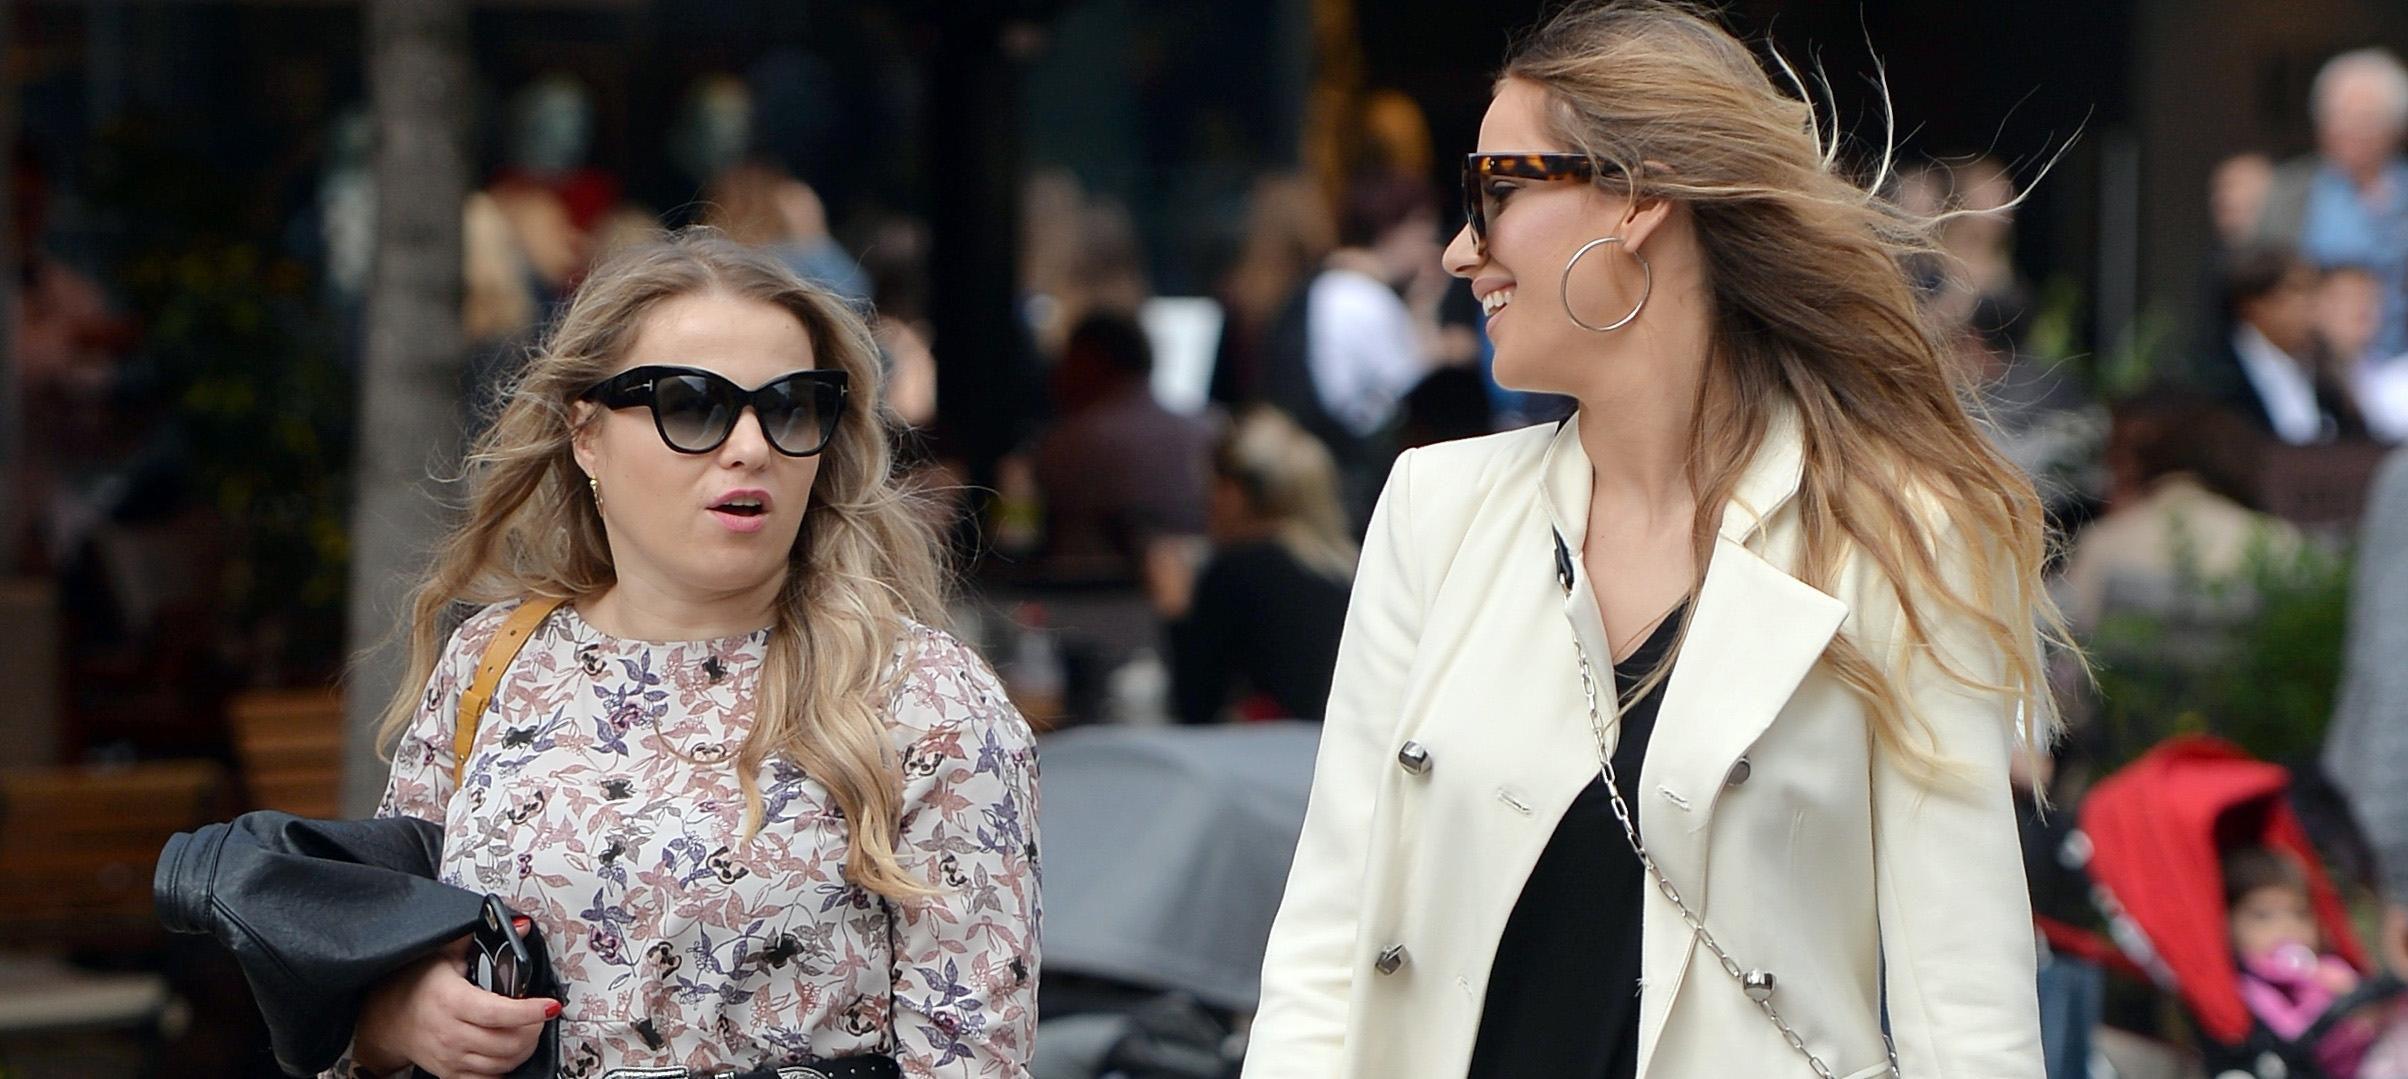 Atraktivne dame prošetale zagrebačkom špicom u fantastičnim odjevnim kombinacijama